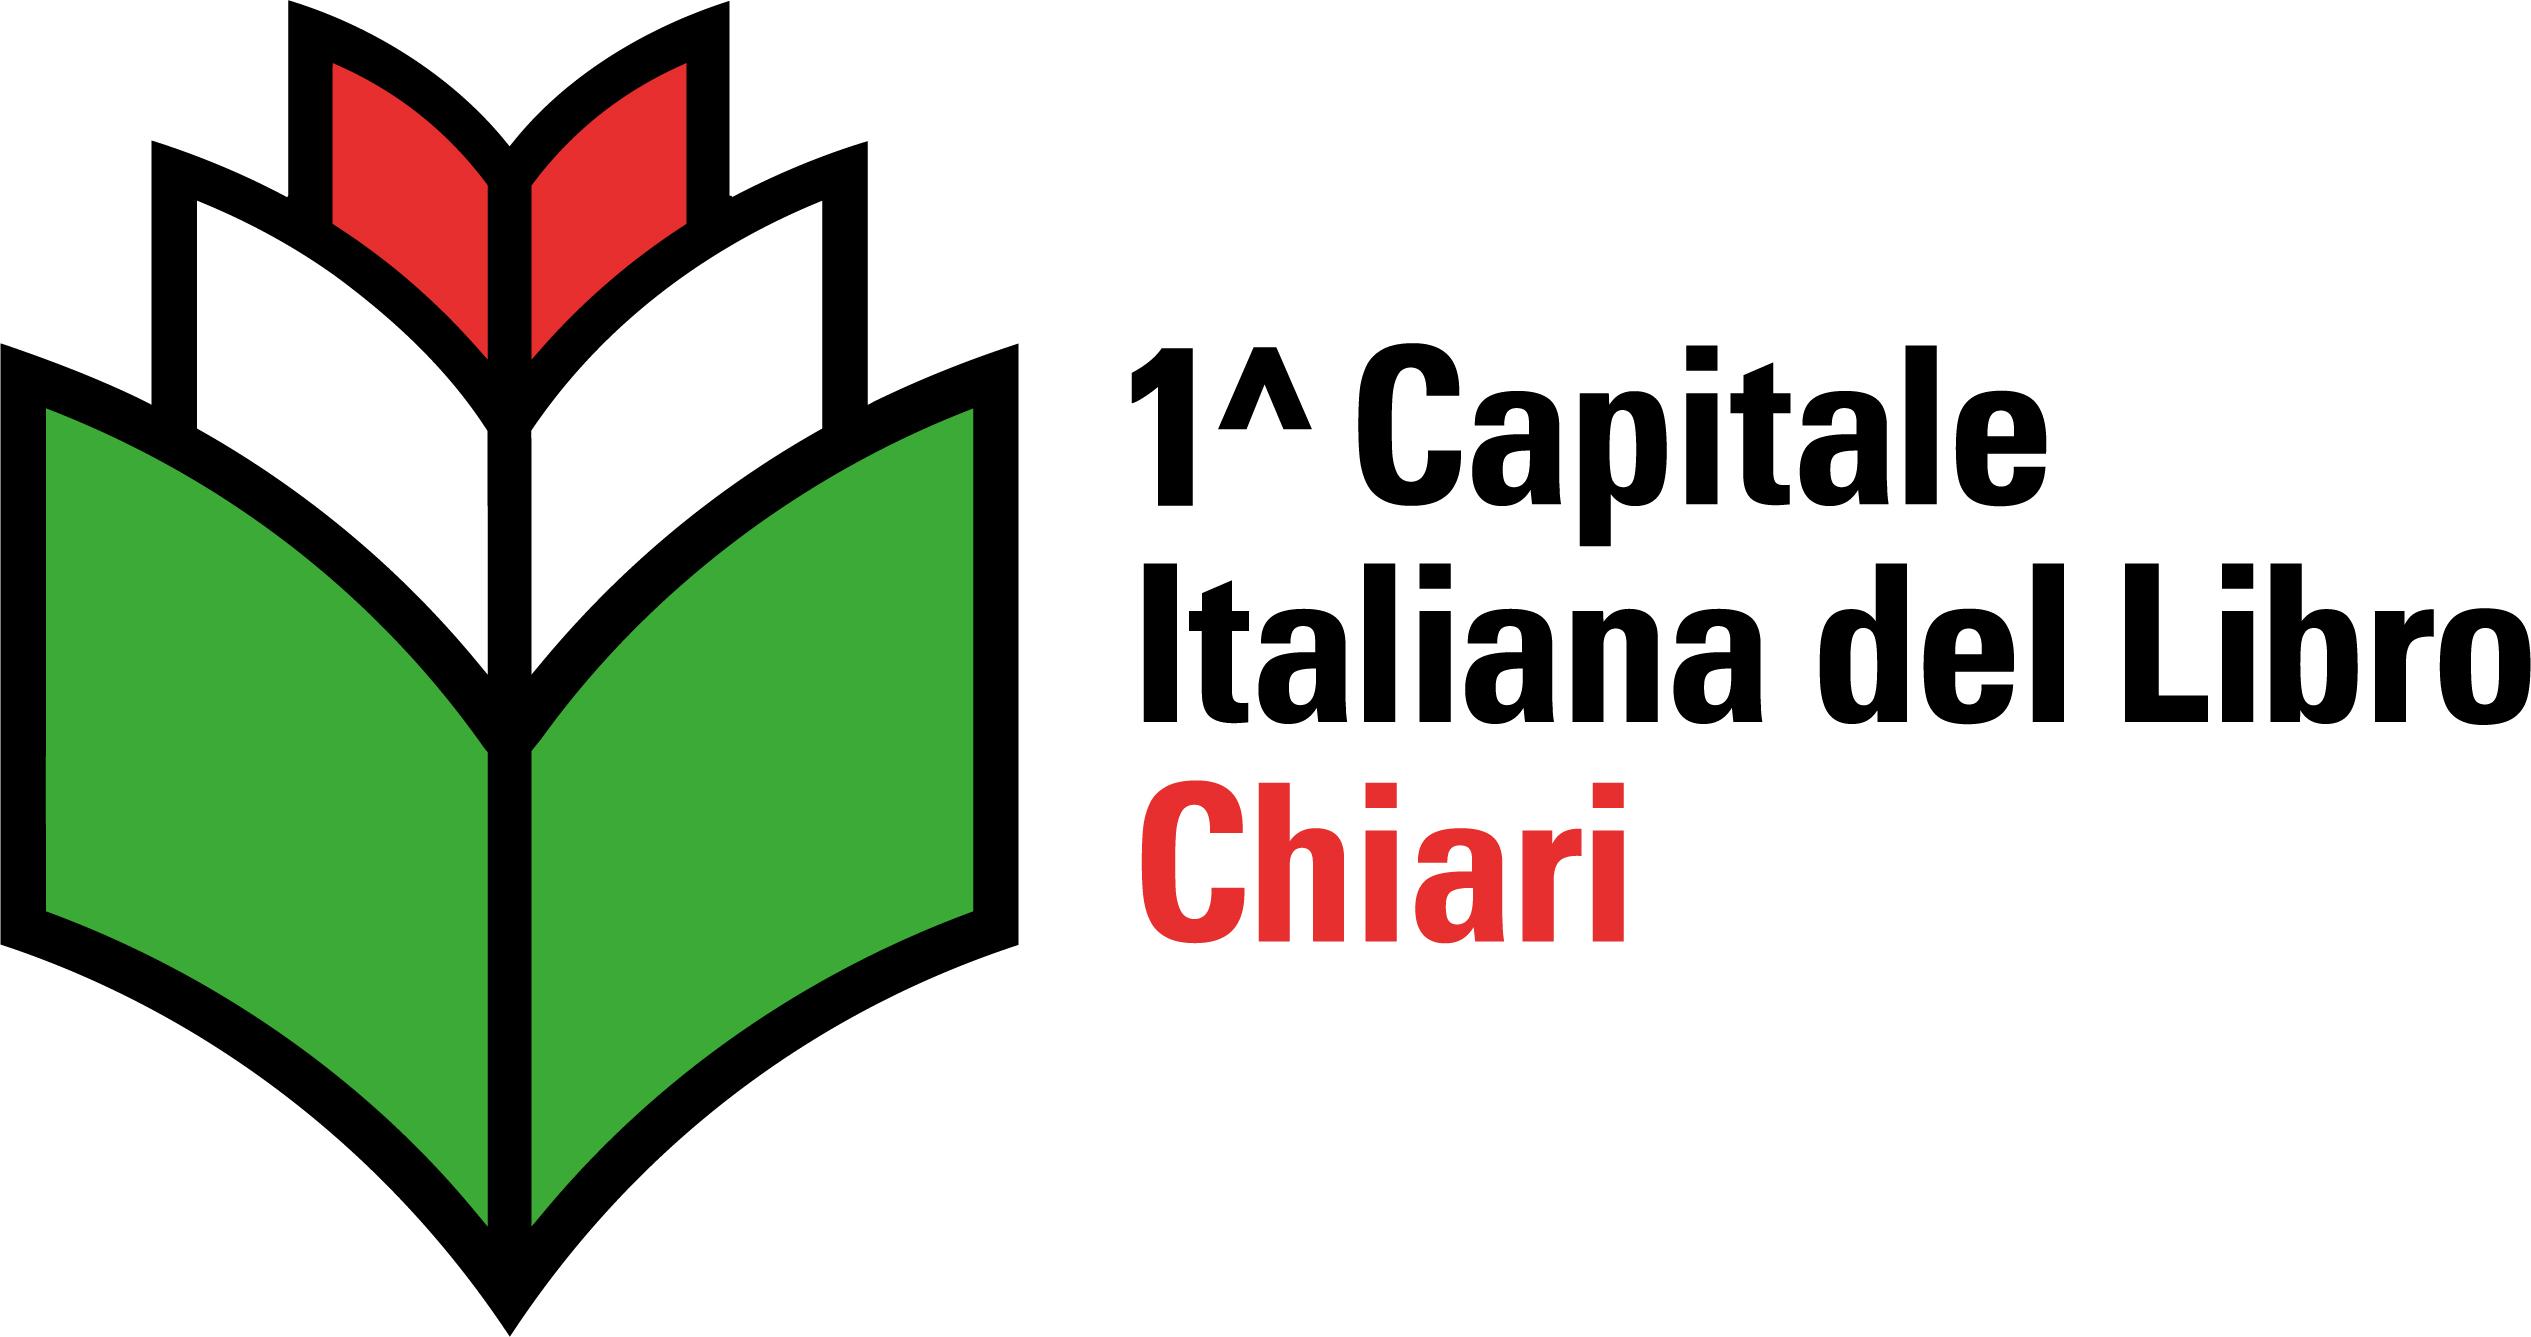 Chiari Prima Capitale Italiana del Libro